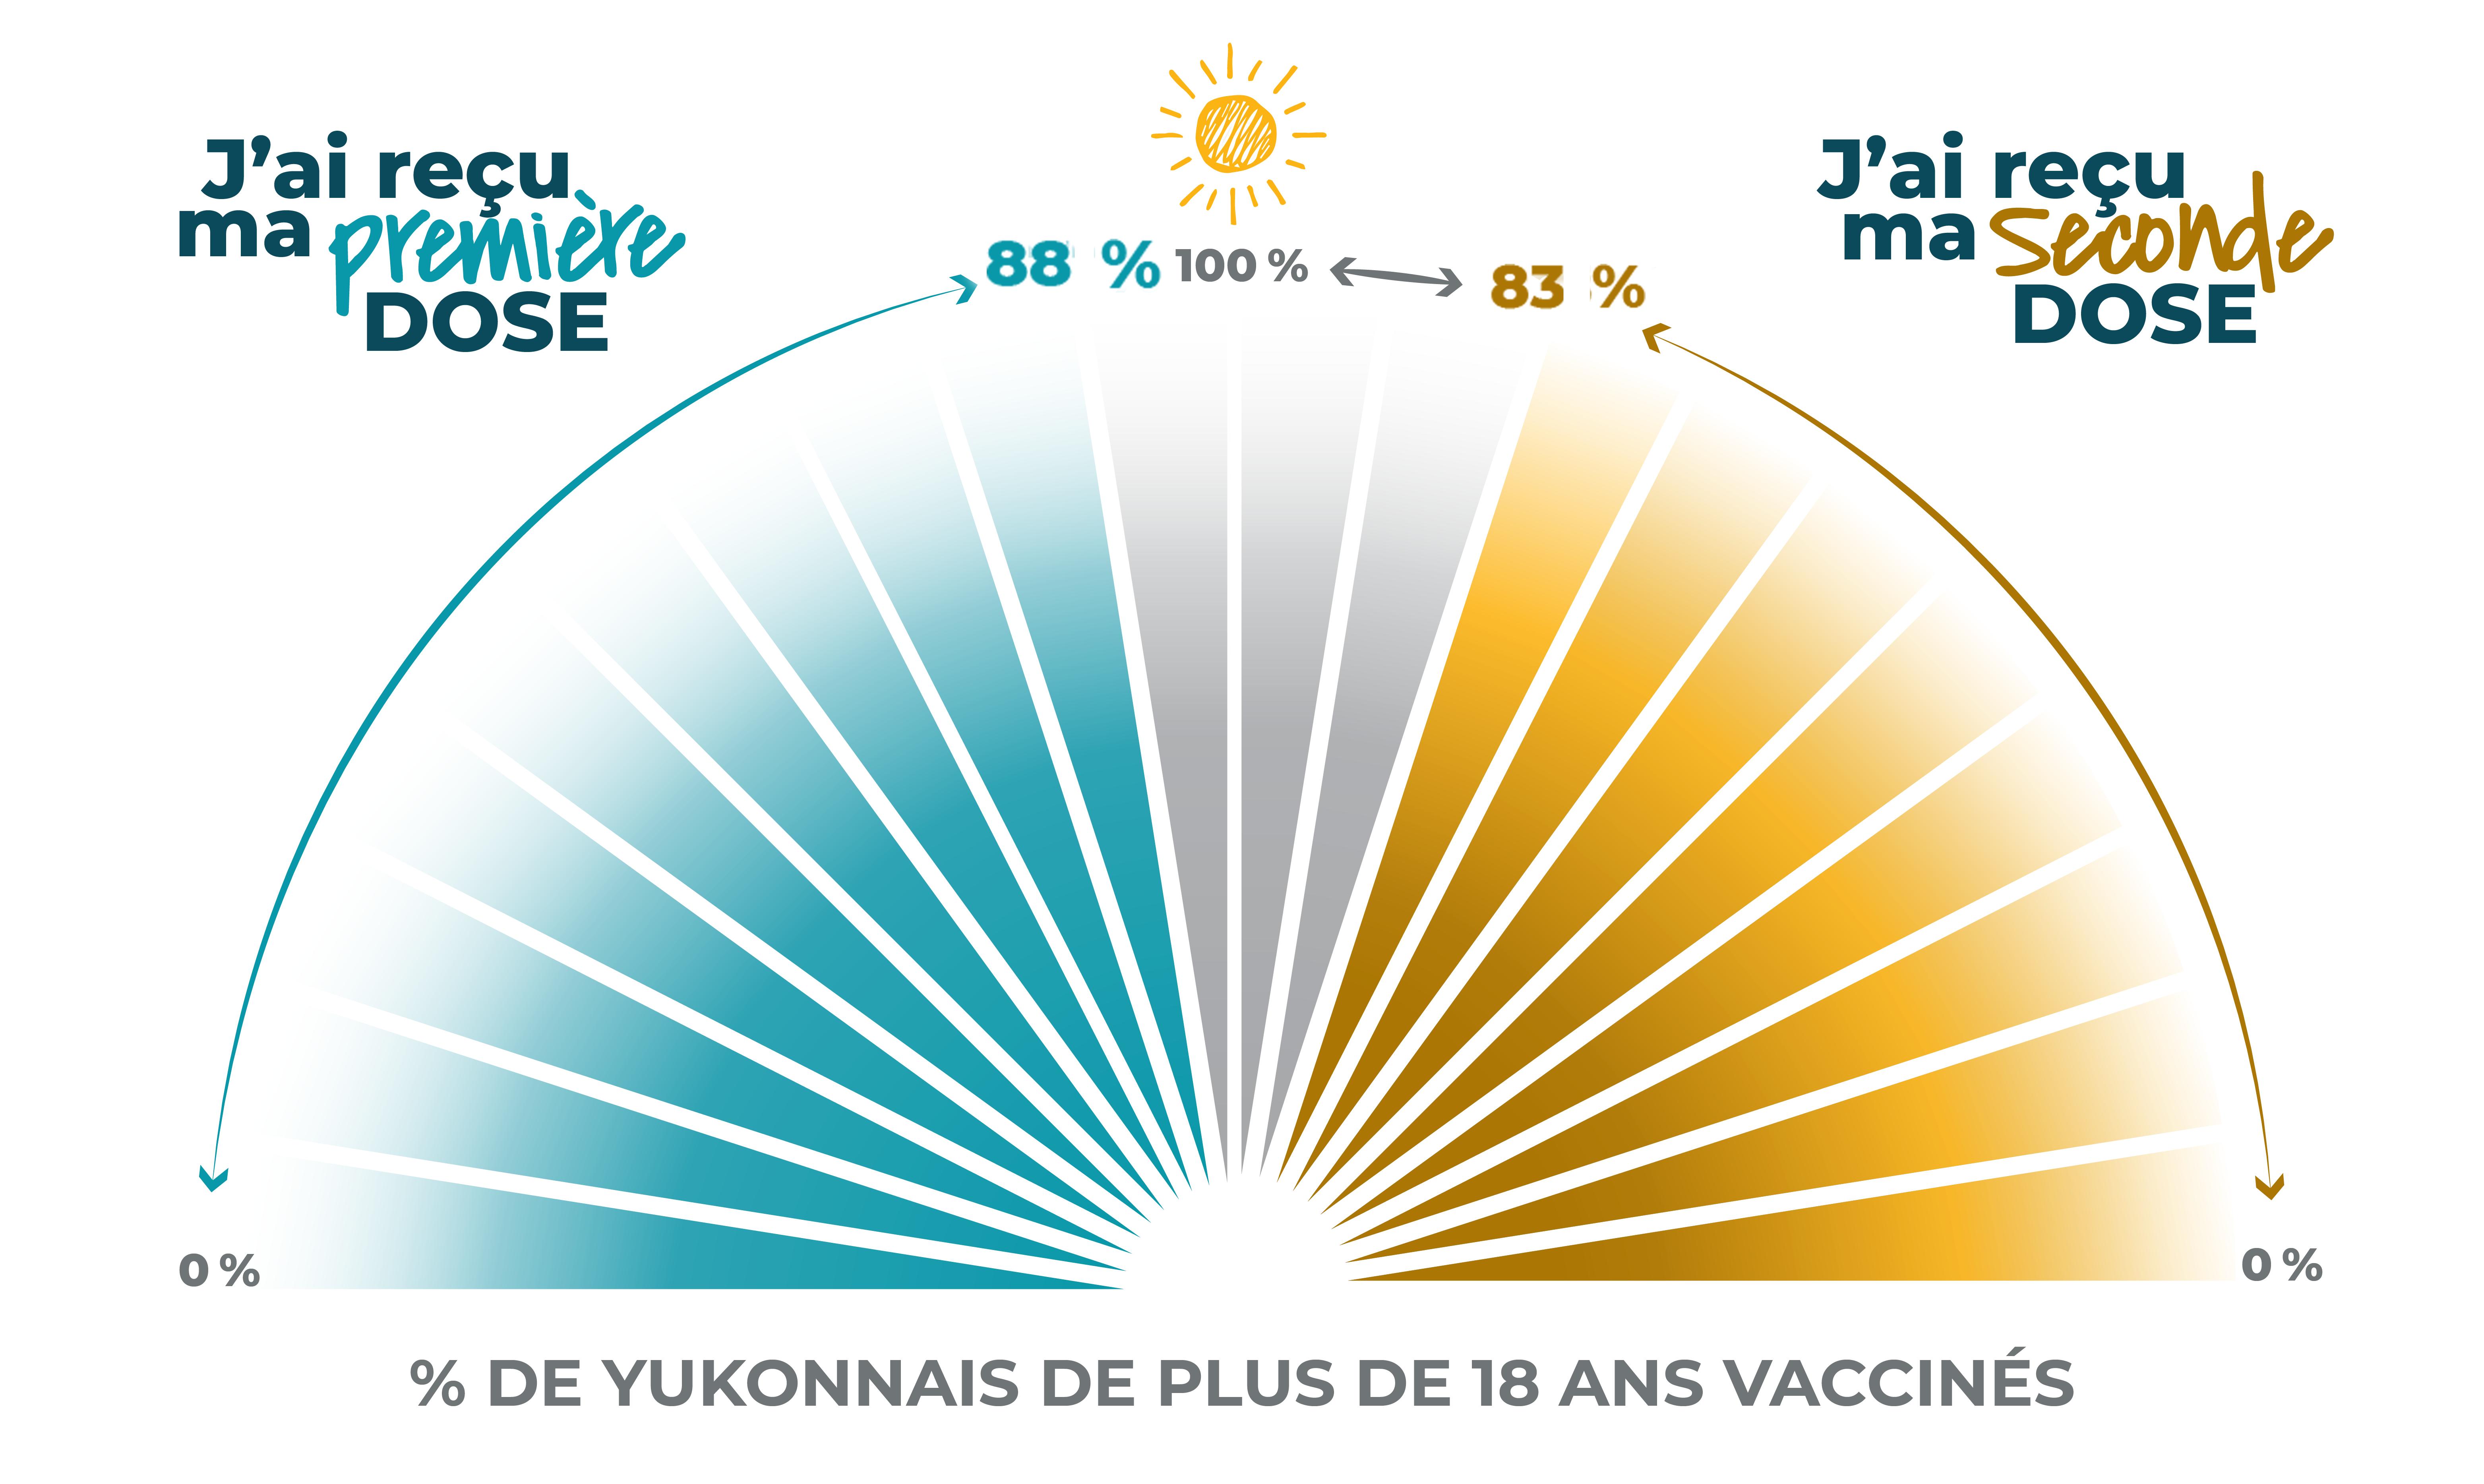 88 % des yukonnais agés de plus de 18 ans ont eu leur première dose et 83 % ont eu leur deuxième dose de vaccin contre la COVID-19